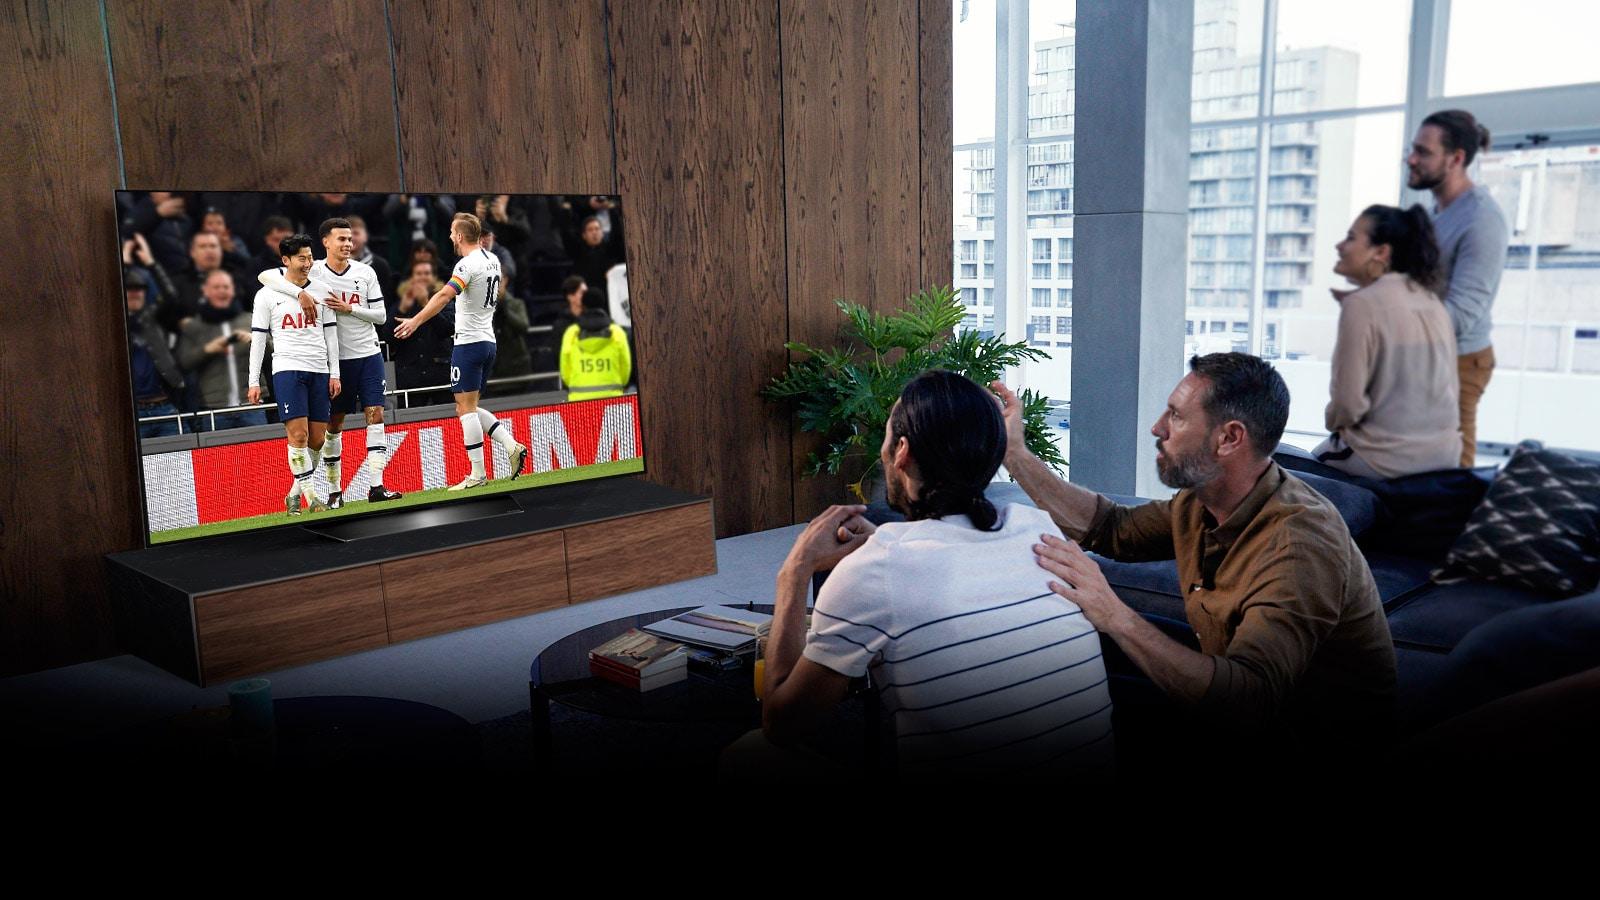 Ljudje, ki gledajo tekmo Tottenhama po televiziji v dnevni sobi